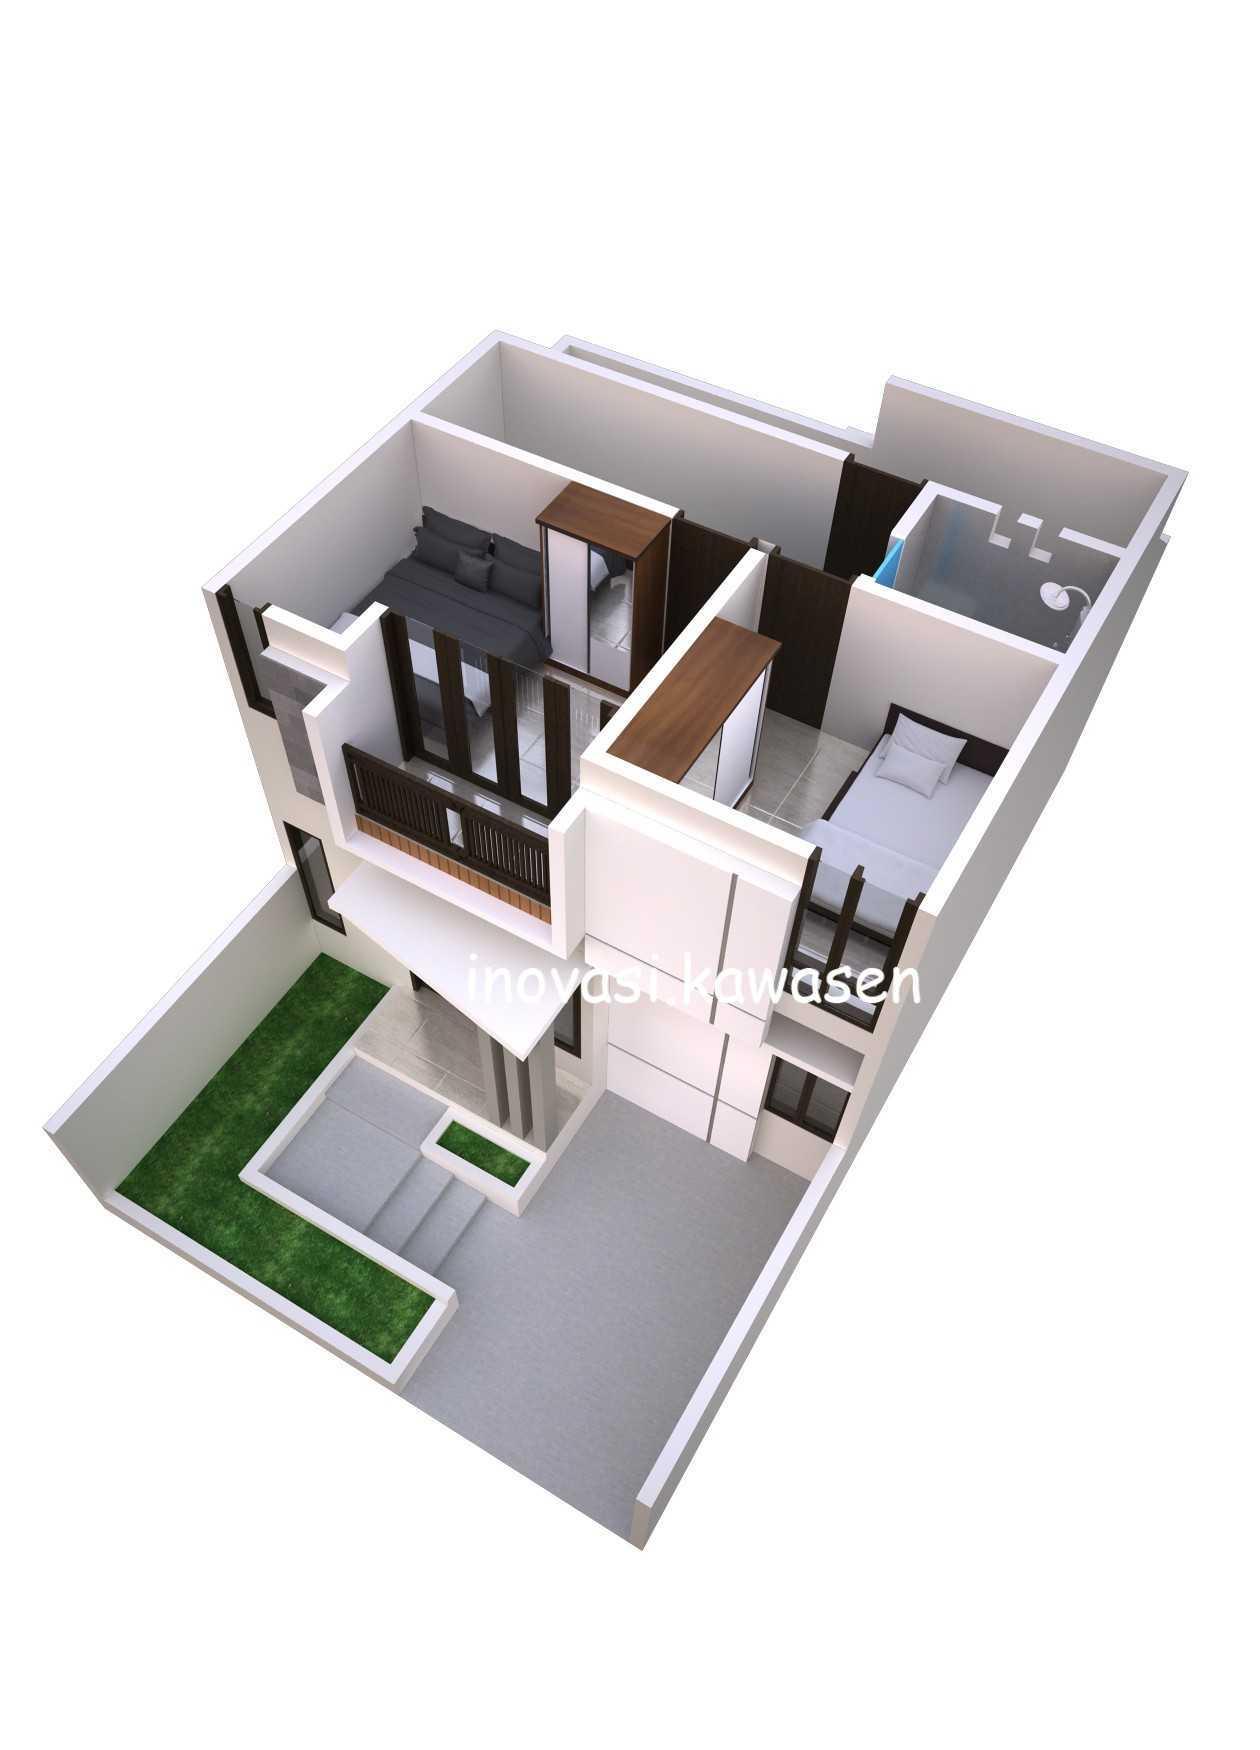 Inovasi Kawasen Renovasi Rumah Type 45 ( Desain ) Kota Depok, Jawa Barat, Indonesia Kota Depok, Jawa Barat, Indonesia Inovasi-Kawasen-Renovasi-Rumah-Type-45-Desain-   89837